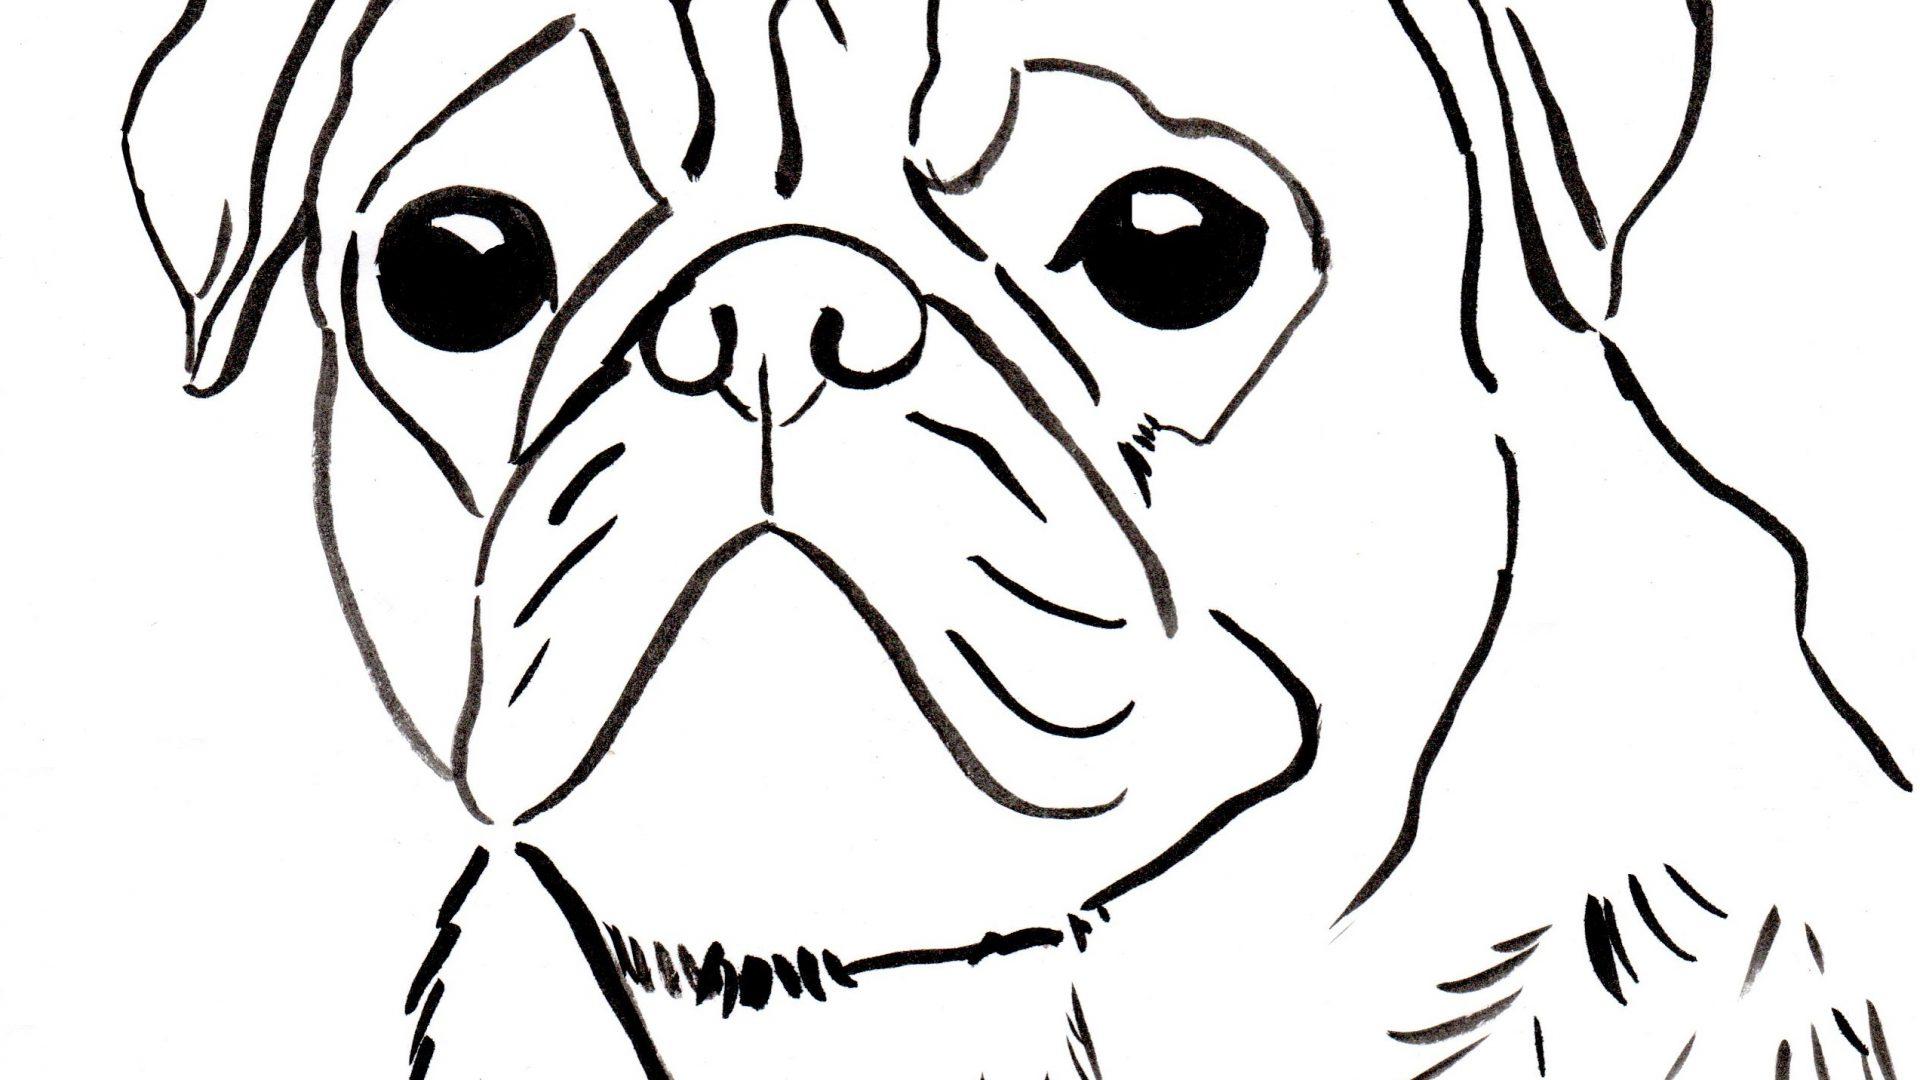 Cozy Fun Hissy Rolly Bingo Arf Puppy Dog Pals Coloring Page